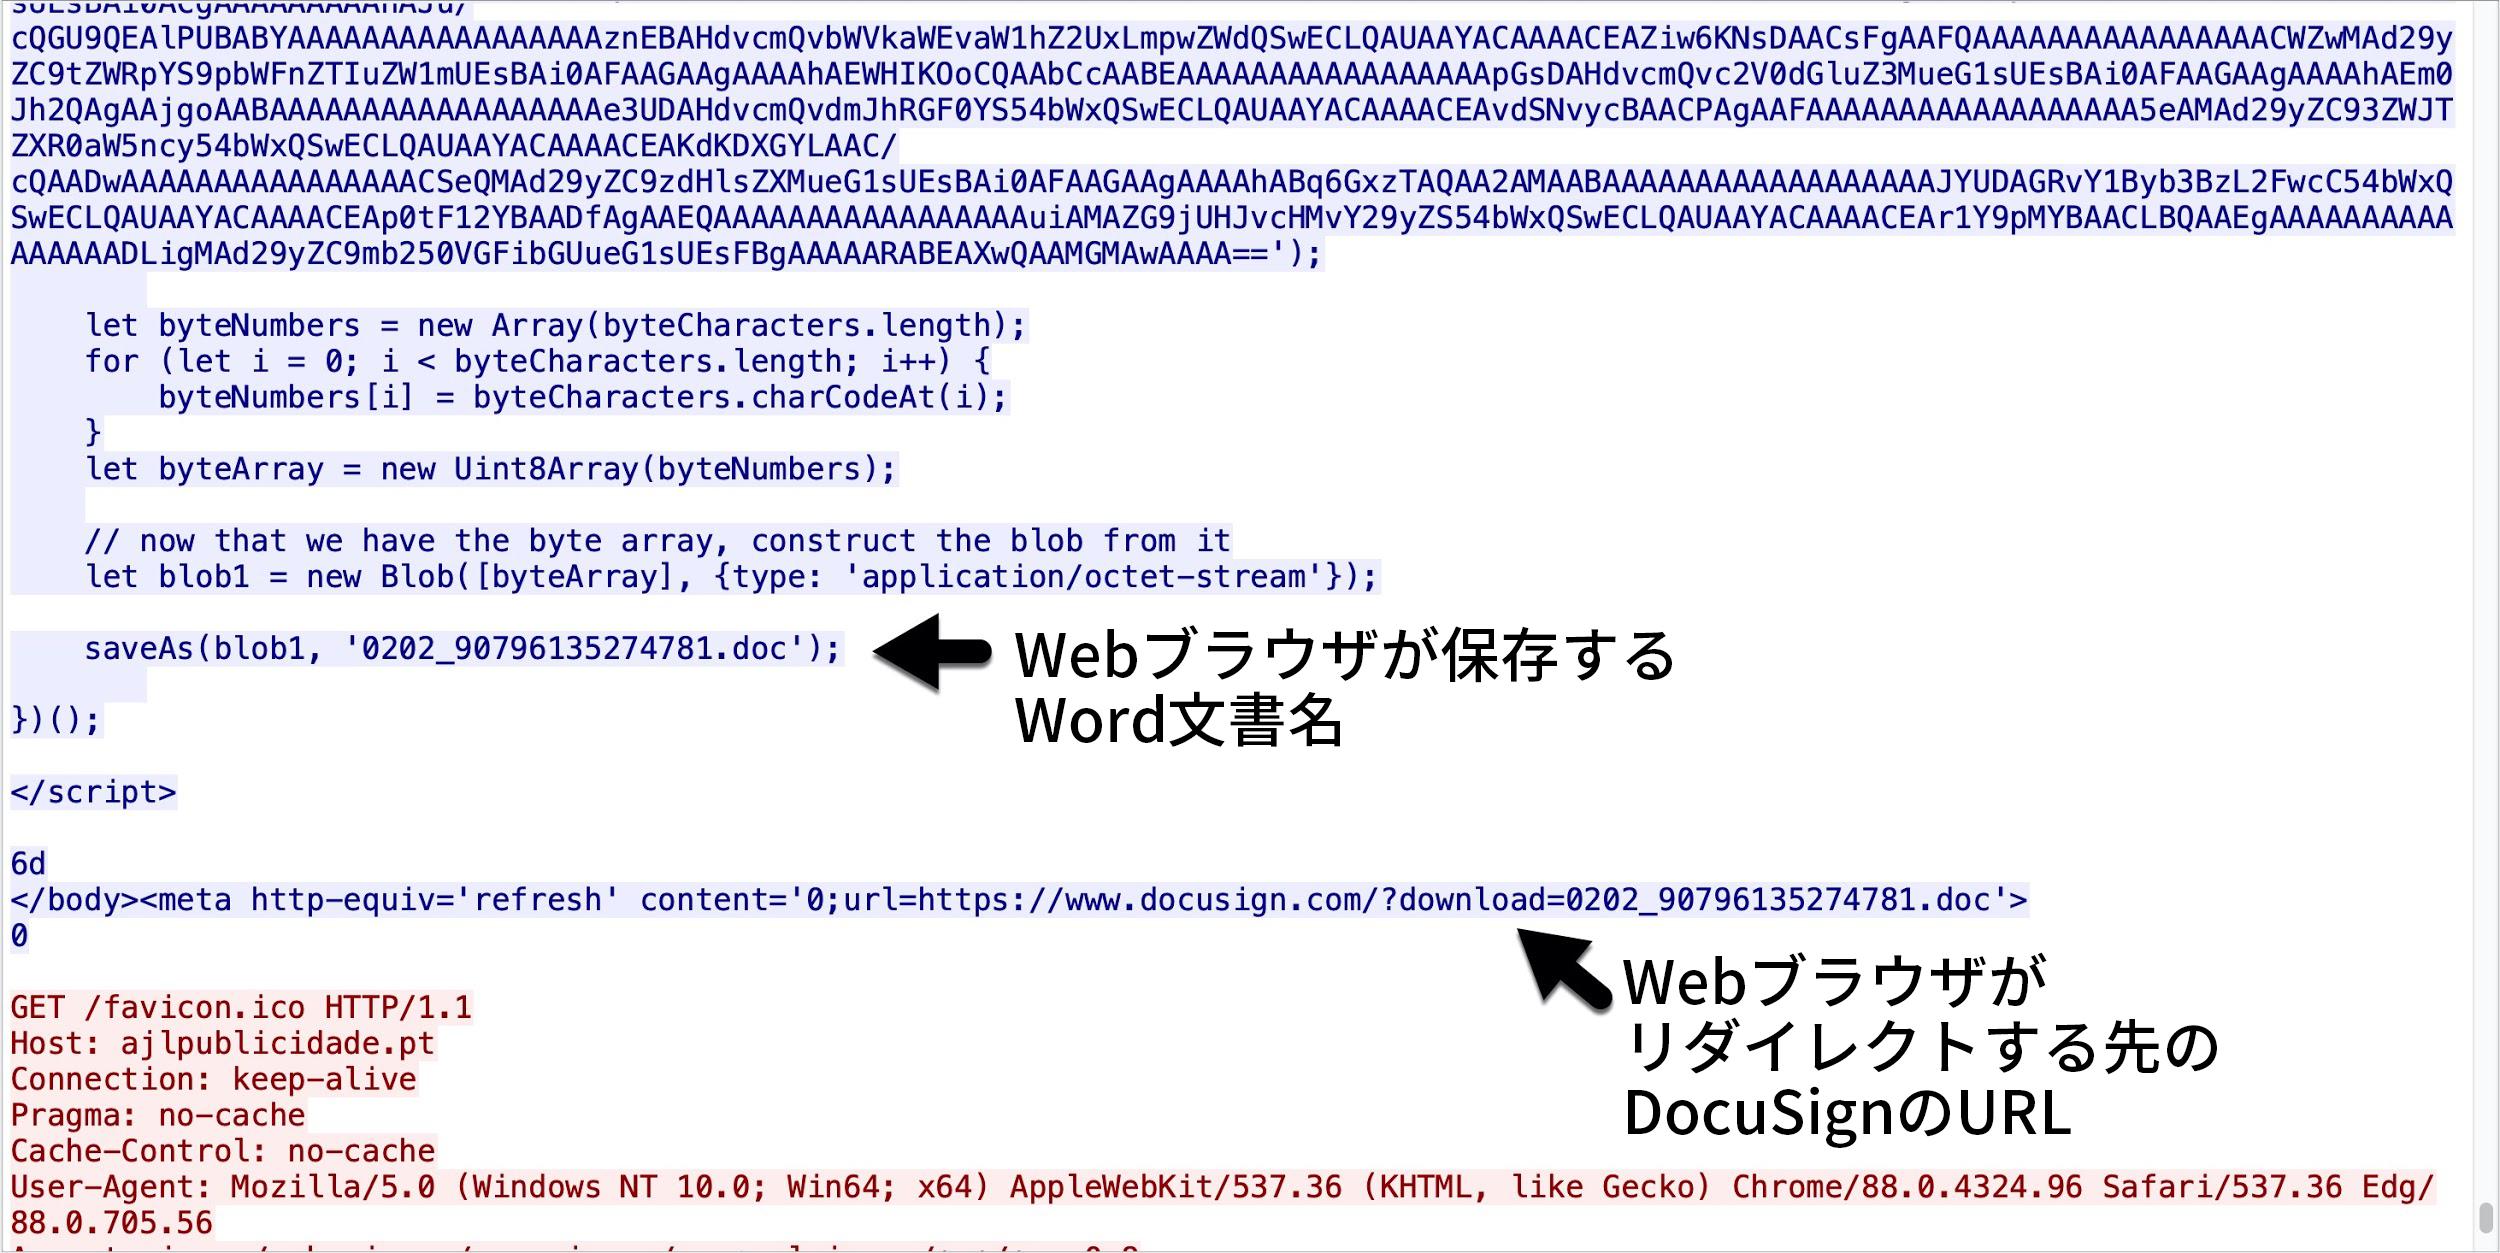 黒い矢印は、Webブラウザによって保存されるWord文書名と、WebブラウザがDocuSignのURLにリダイレクトする先を示しています。